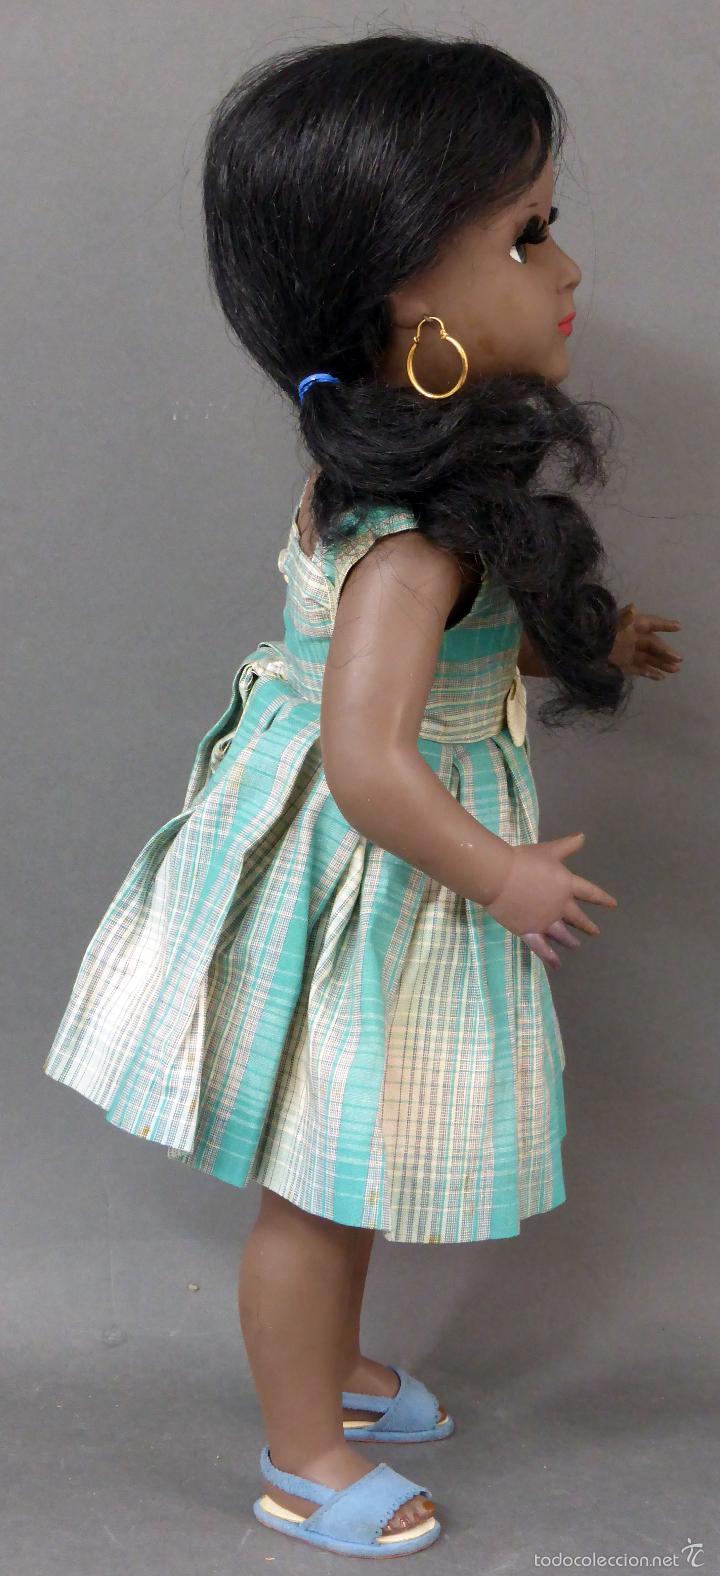 Muñeca española clasica: Linda Negra ICSA celuloide JC SA ropa original Ojo durmiente años 50 49 cm alto - Foto 7 - 58581040